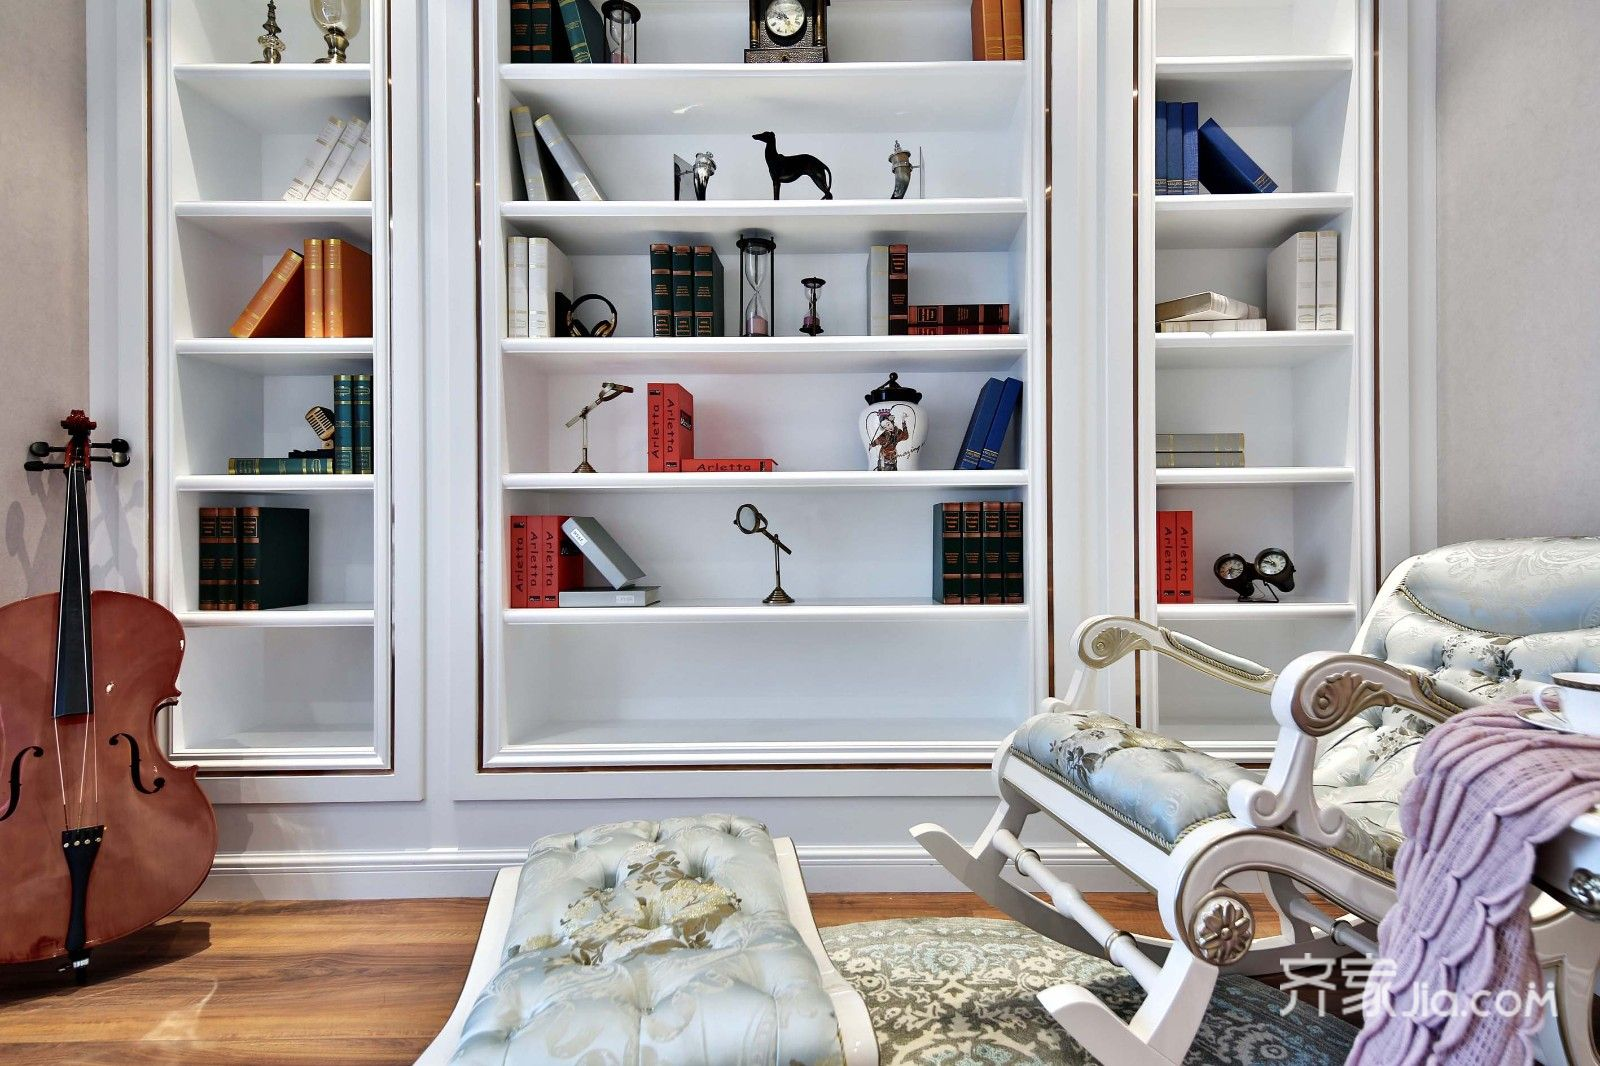 古典欧式风格别墅装修书柜设计图